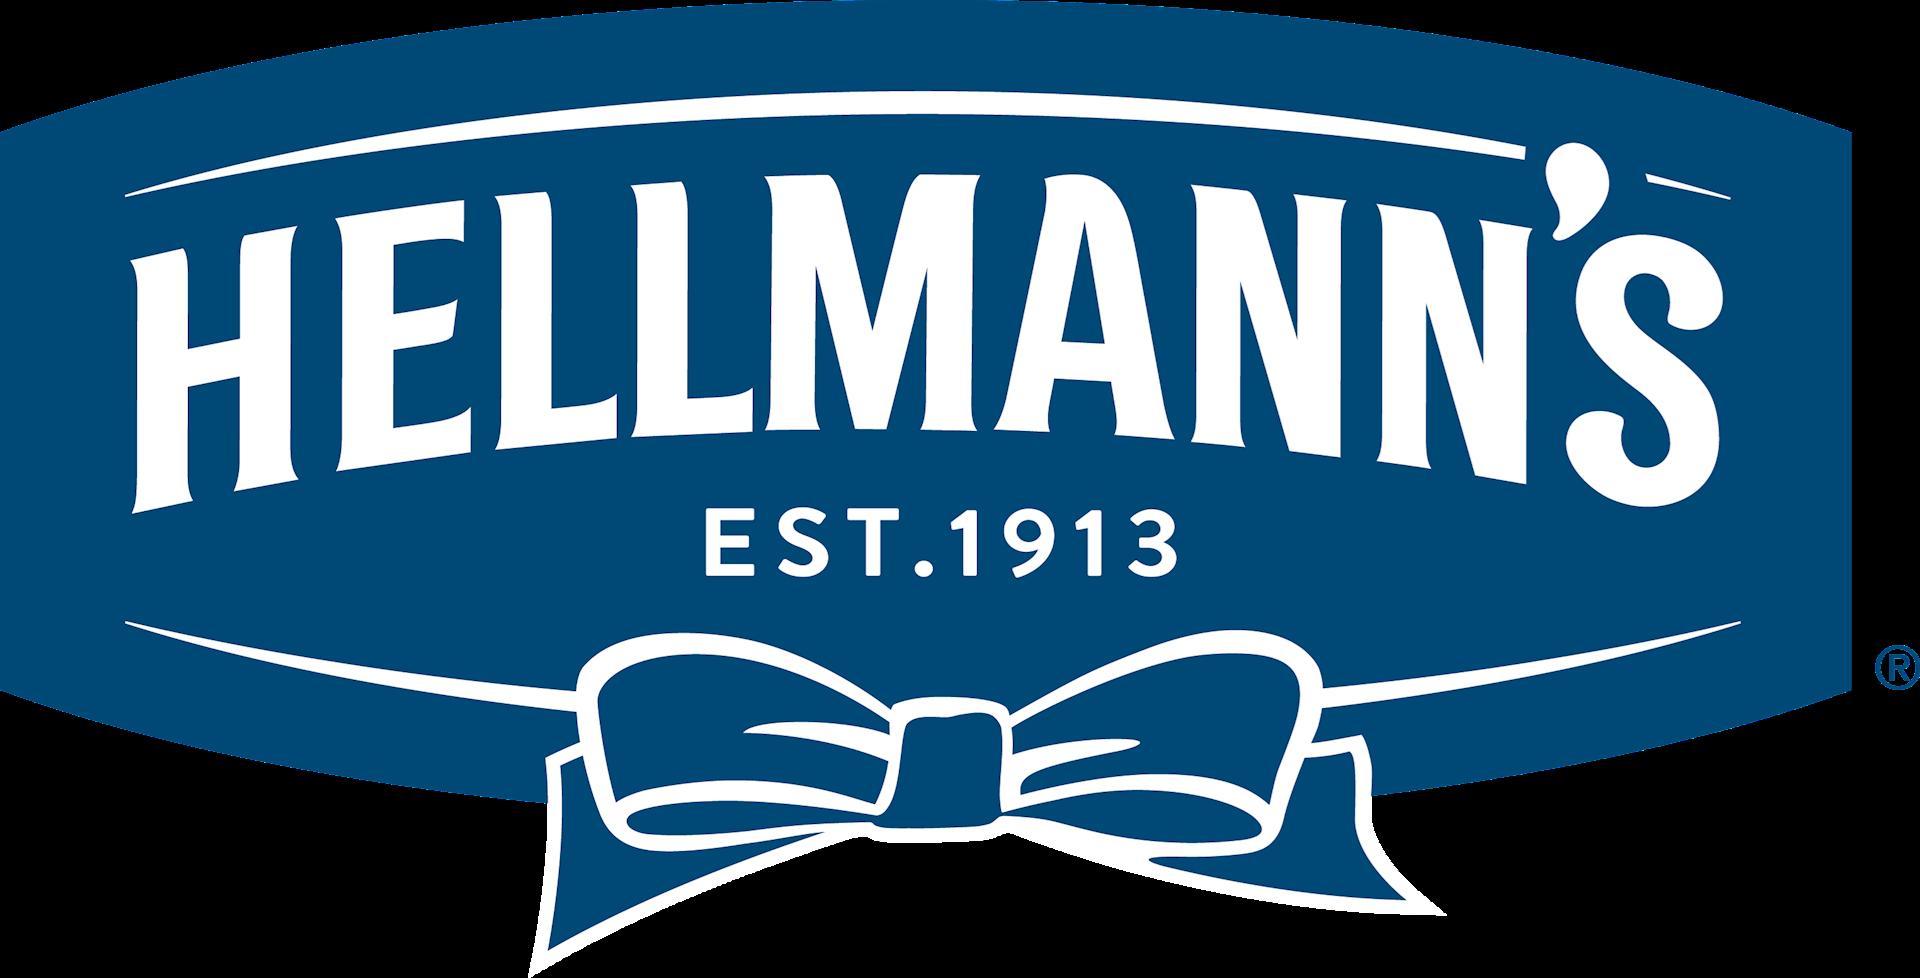 Merkafbeelding Hellmann's